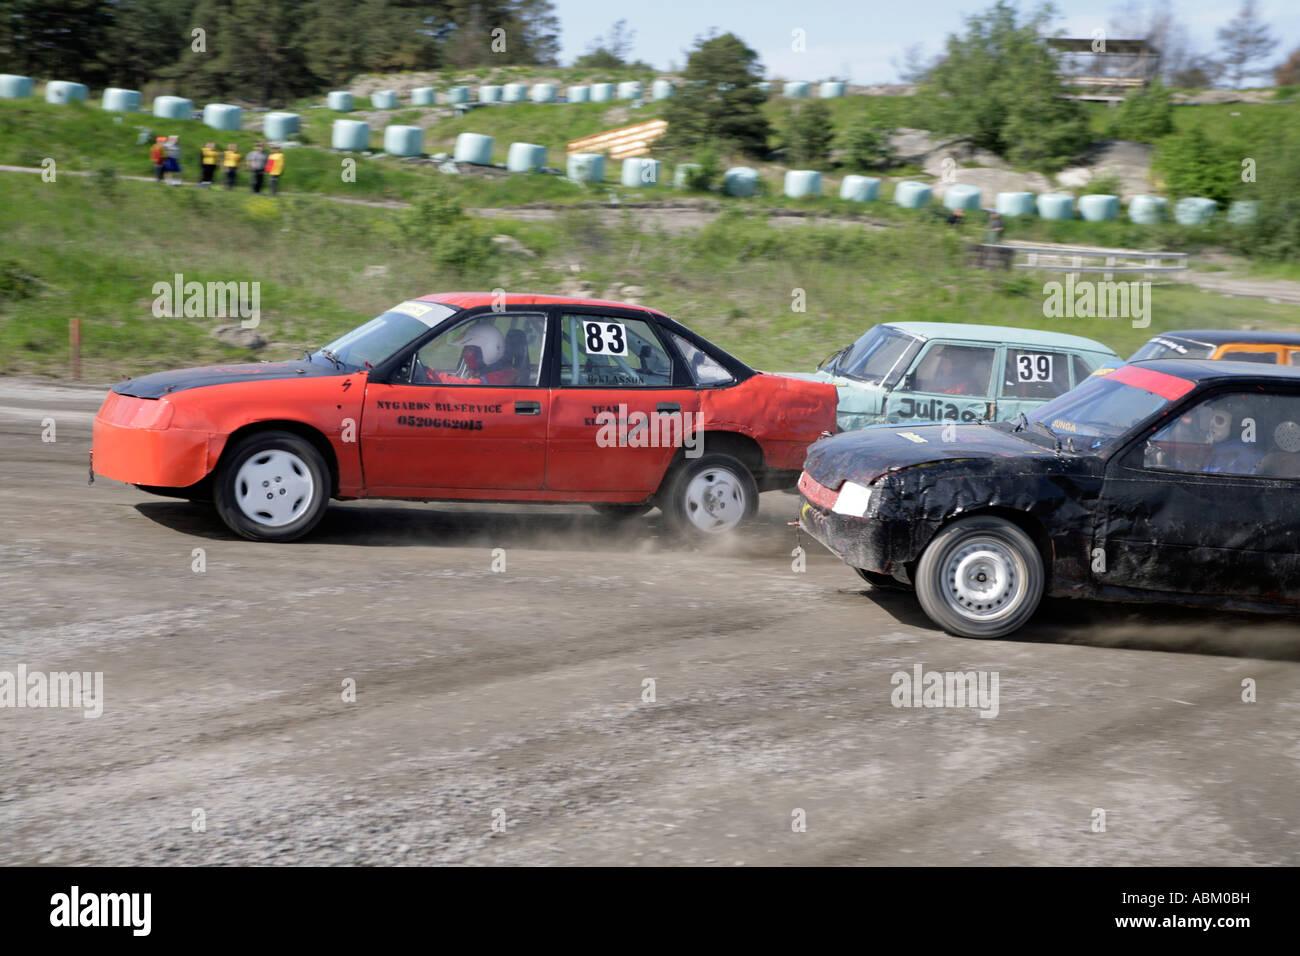 Voitures à partir de la sport Folkrace en Suède similaire à banger racing à Folkrace Hippodrome Photo Stock